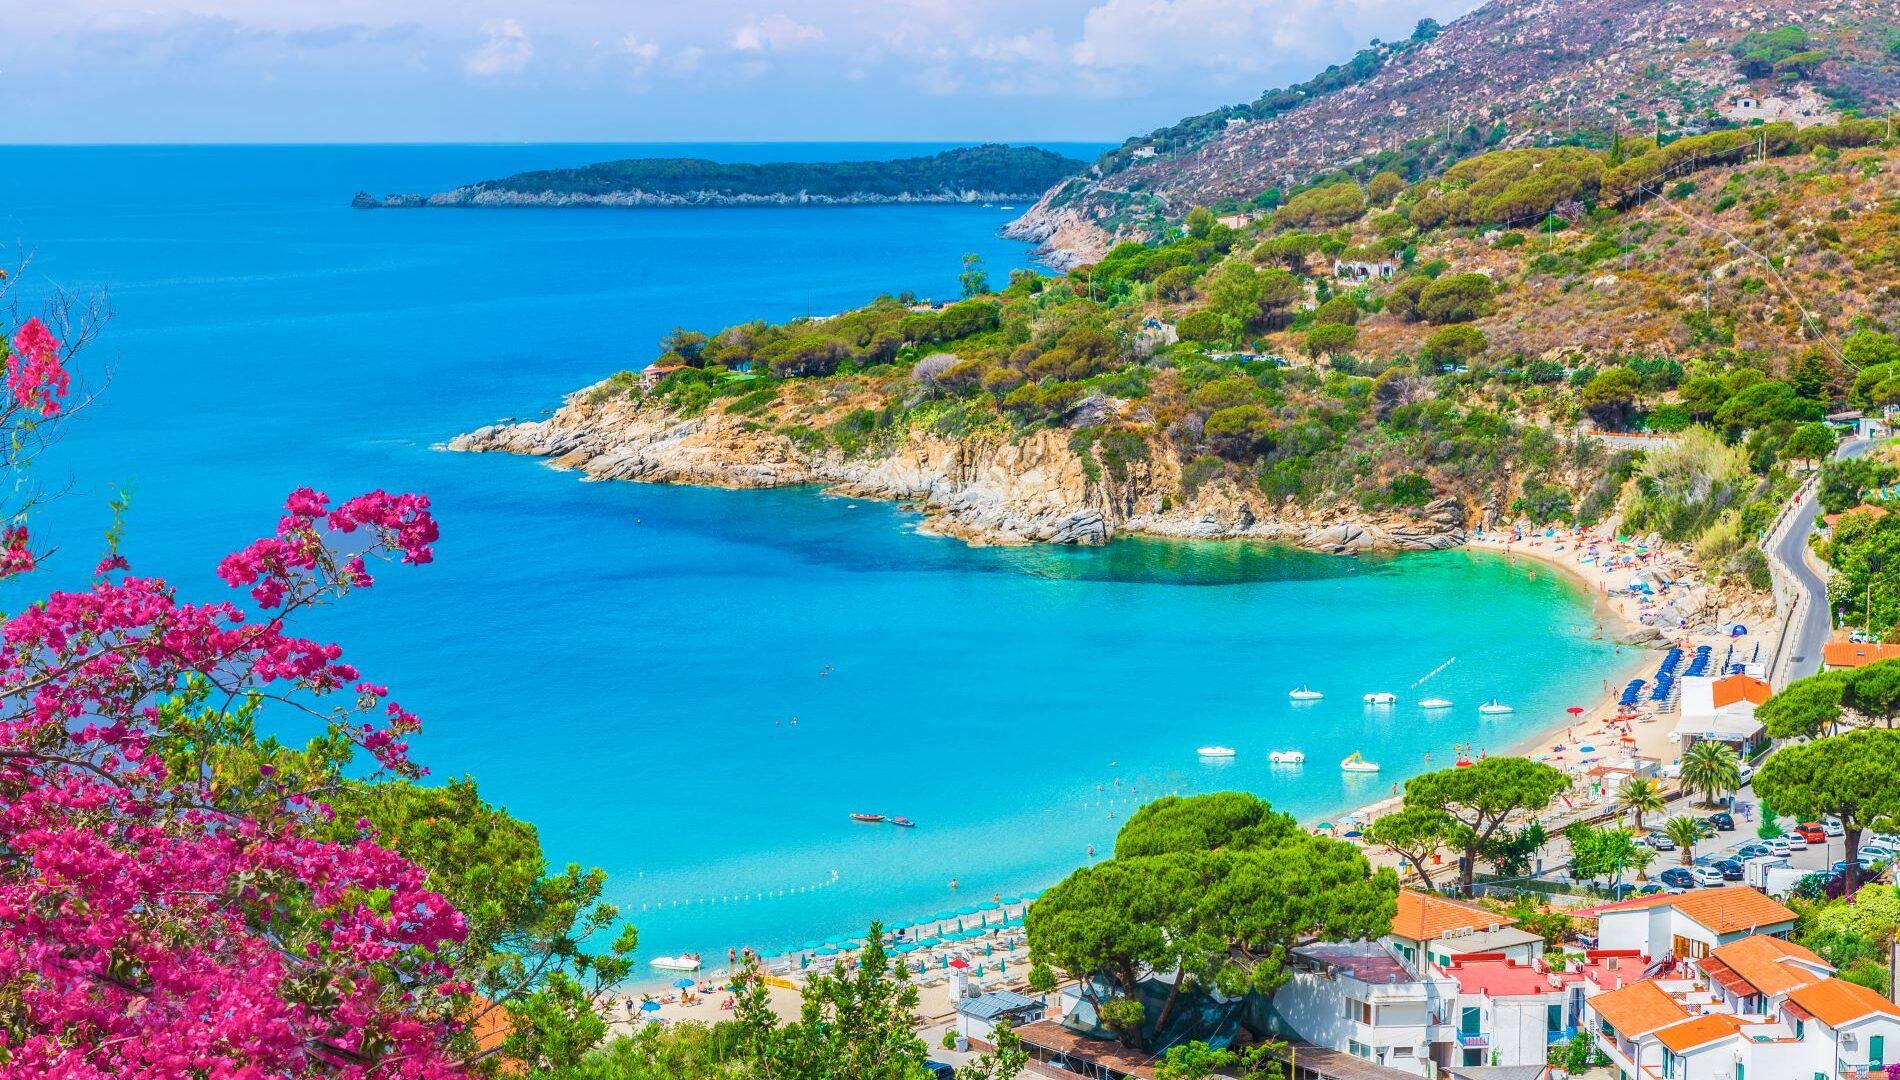 Andare a vivere sull'isola d'Elba